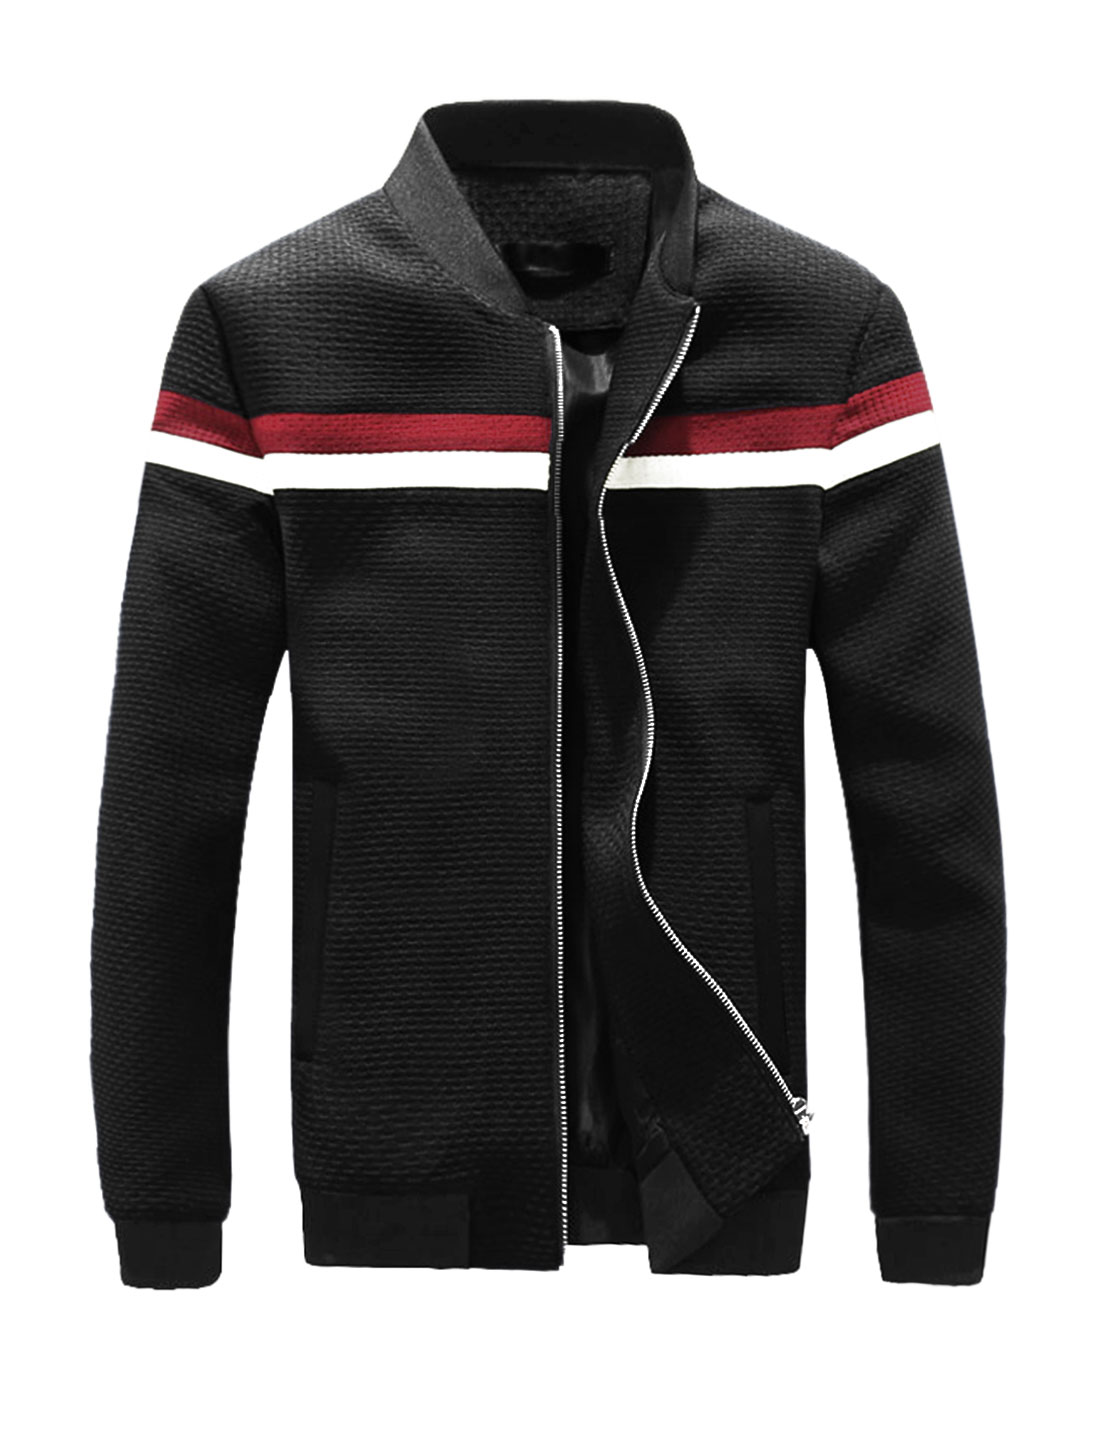 Men Weave Design Contrast Color Slim Fit Zip Up Jacket Black M